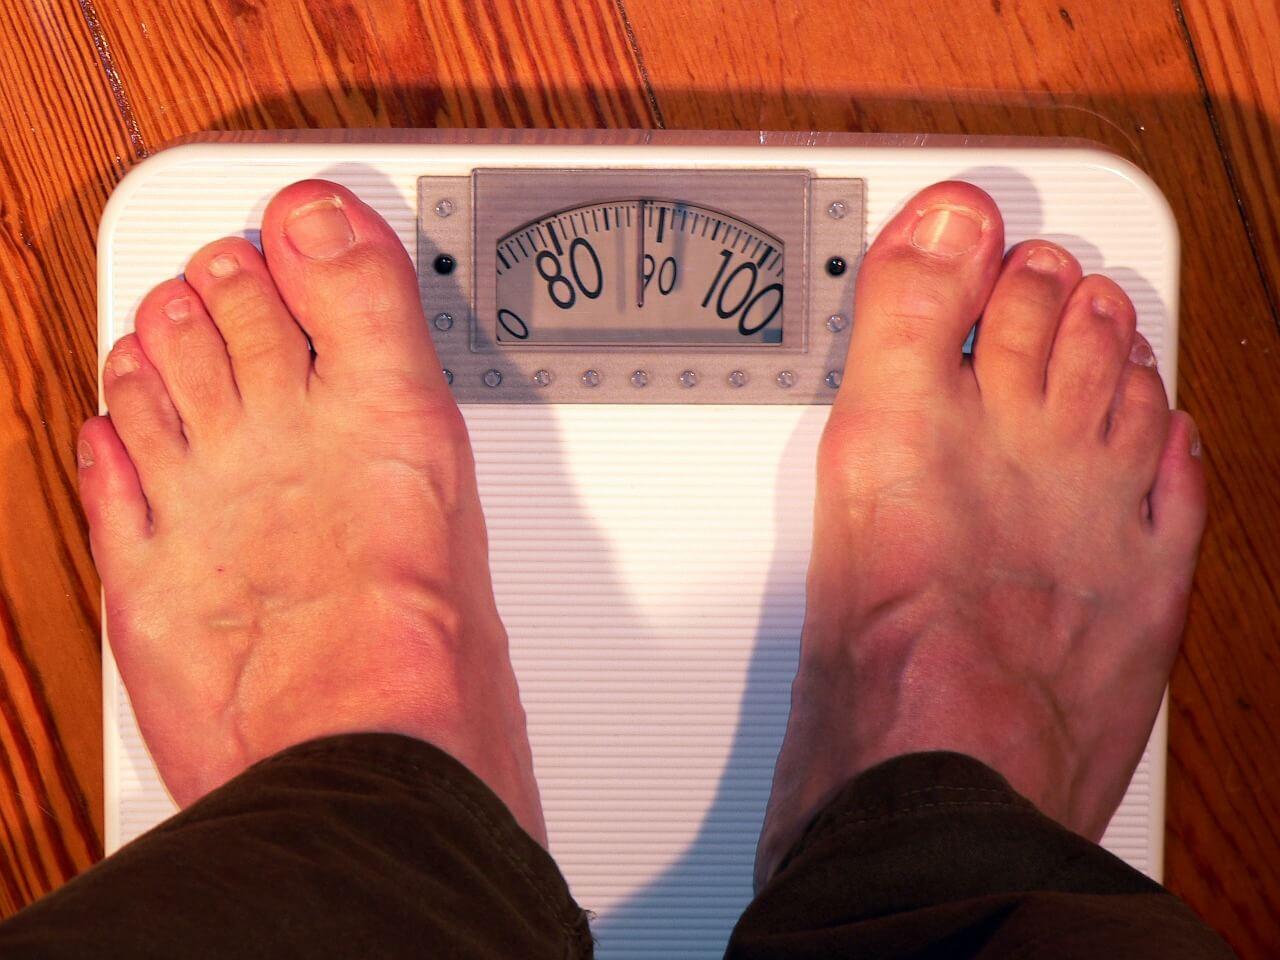 Farmakologiczne i operacyjne leczenie otyłości